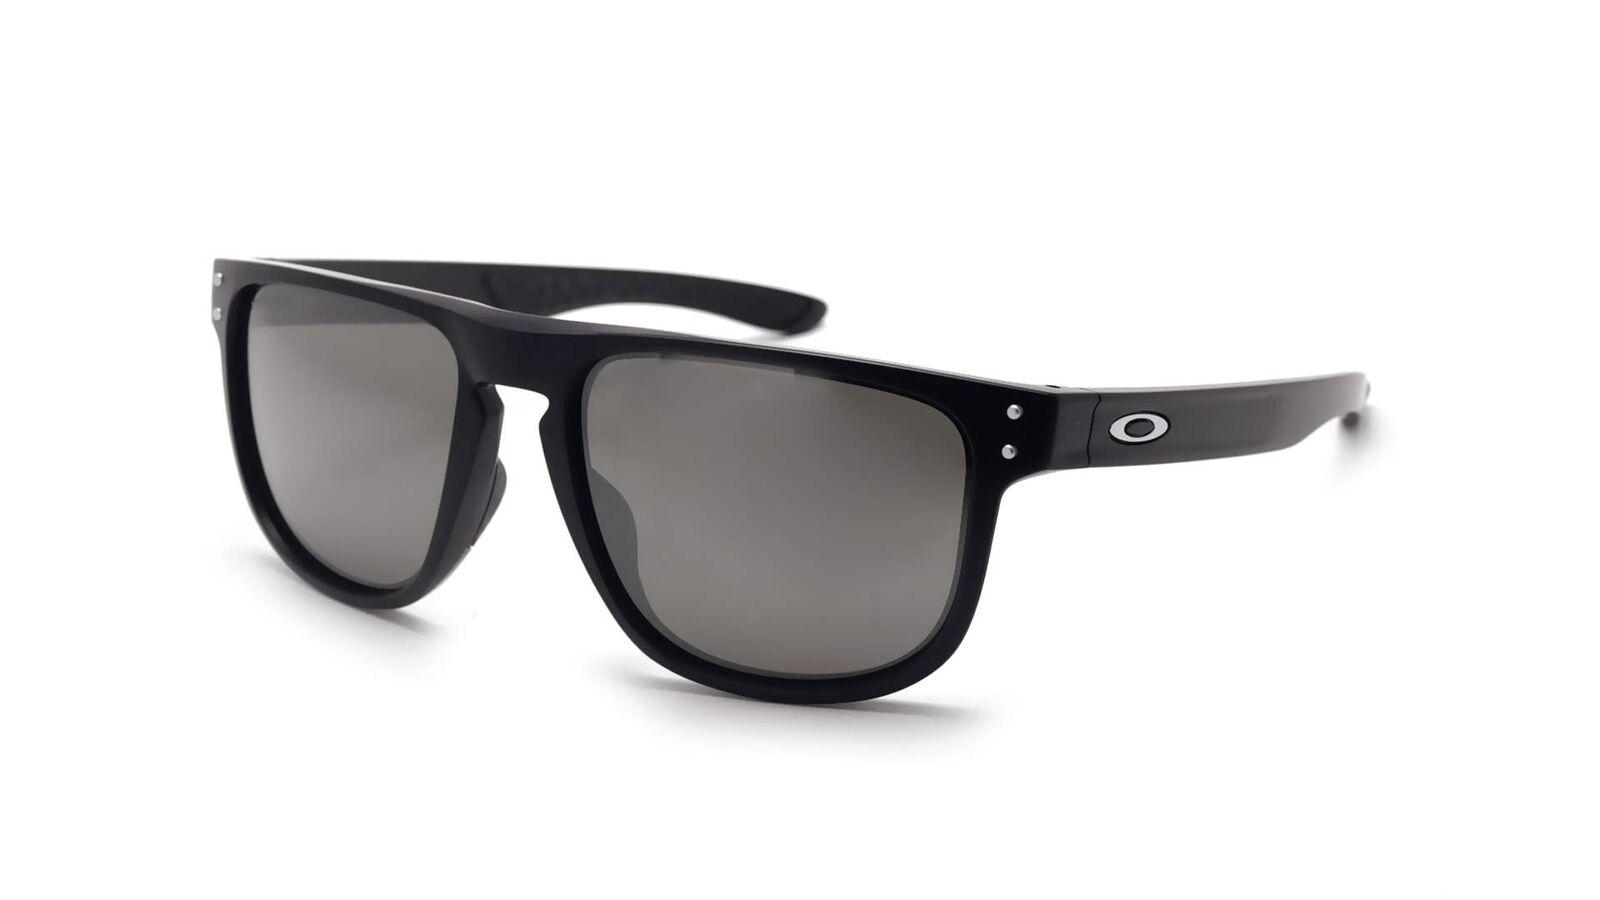 bc8afe271f Details about Oakley Holbrook R Sunglasses OO9377-0255 Matte Black Prizm  Black Lens 9377 02